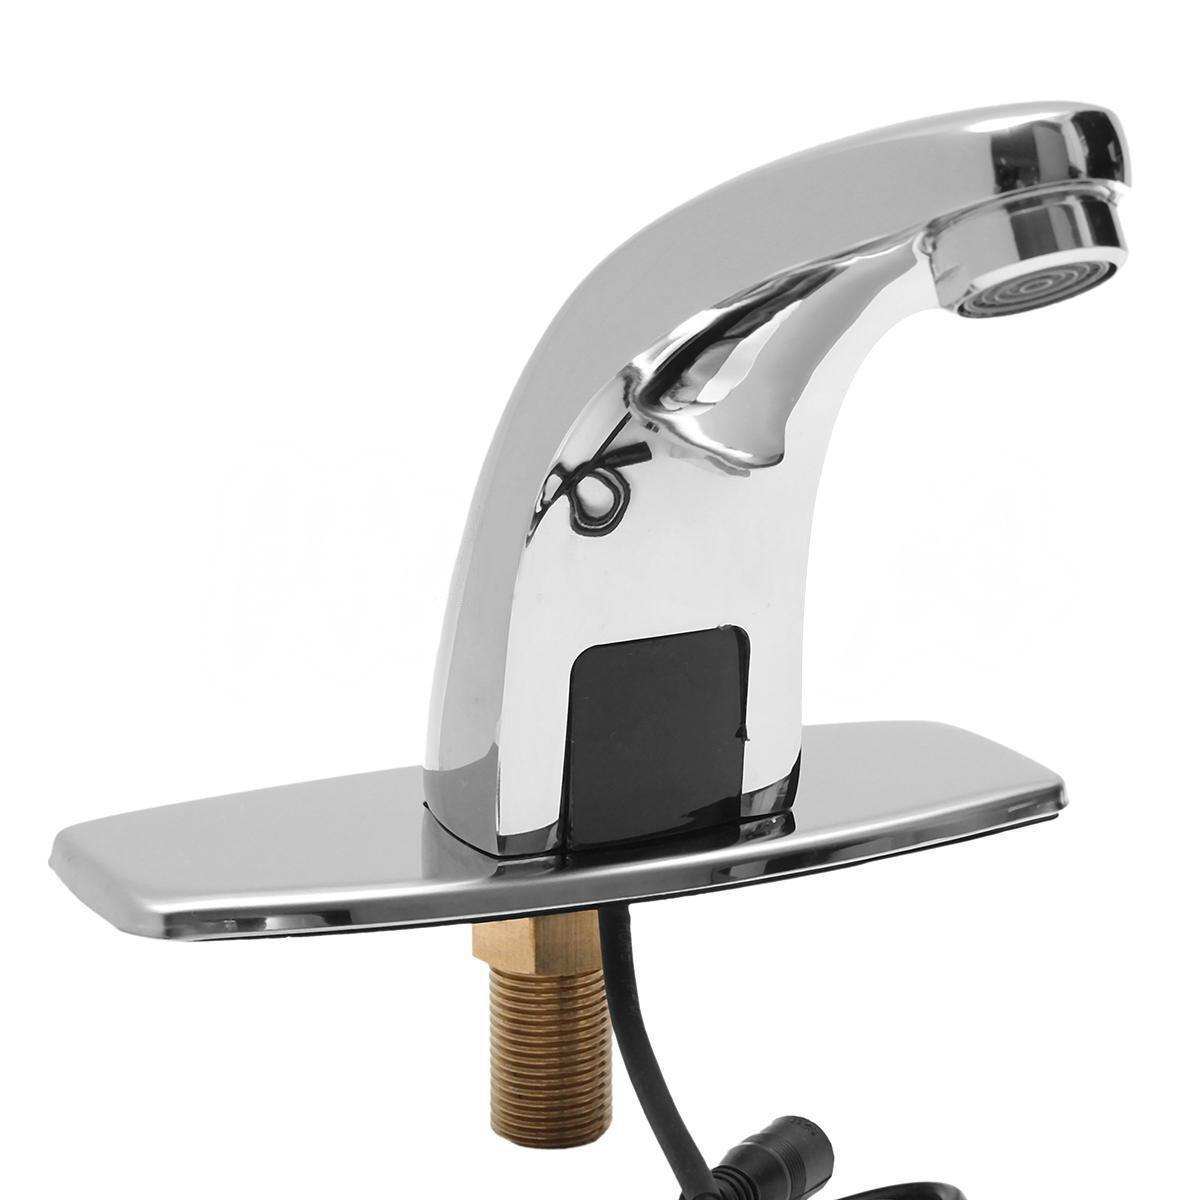 Mayitr Automatische Sensor Waschtischarmaturen Waschbecken Wasserhahn Kaltwasser Wasserhahn Touch Wasserhahn Hands Free Hohe Qualität